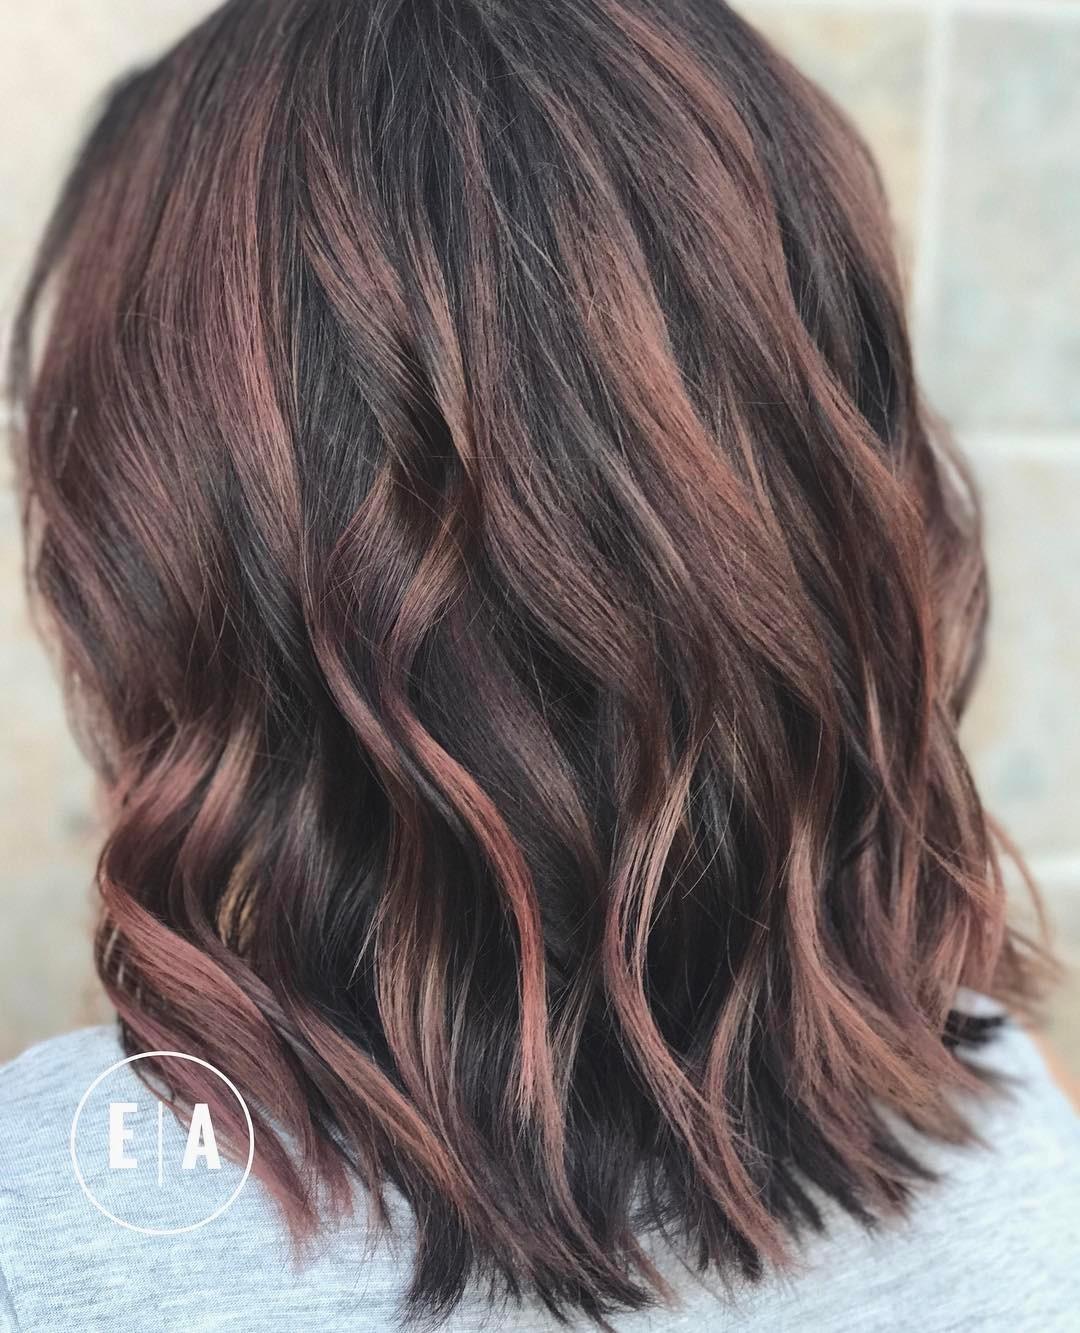 Dark Hair Color Trends 2019: 10 Fabulous Summer Hair Color Ideas 2019